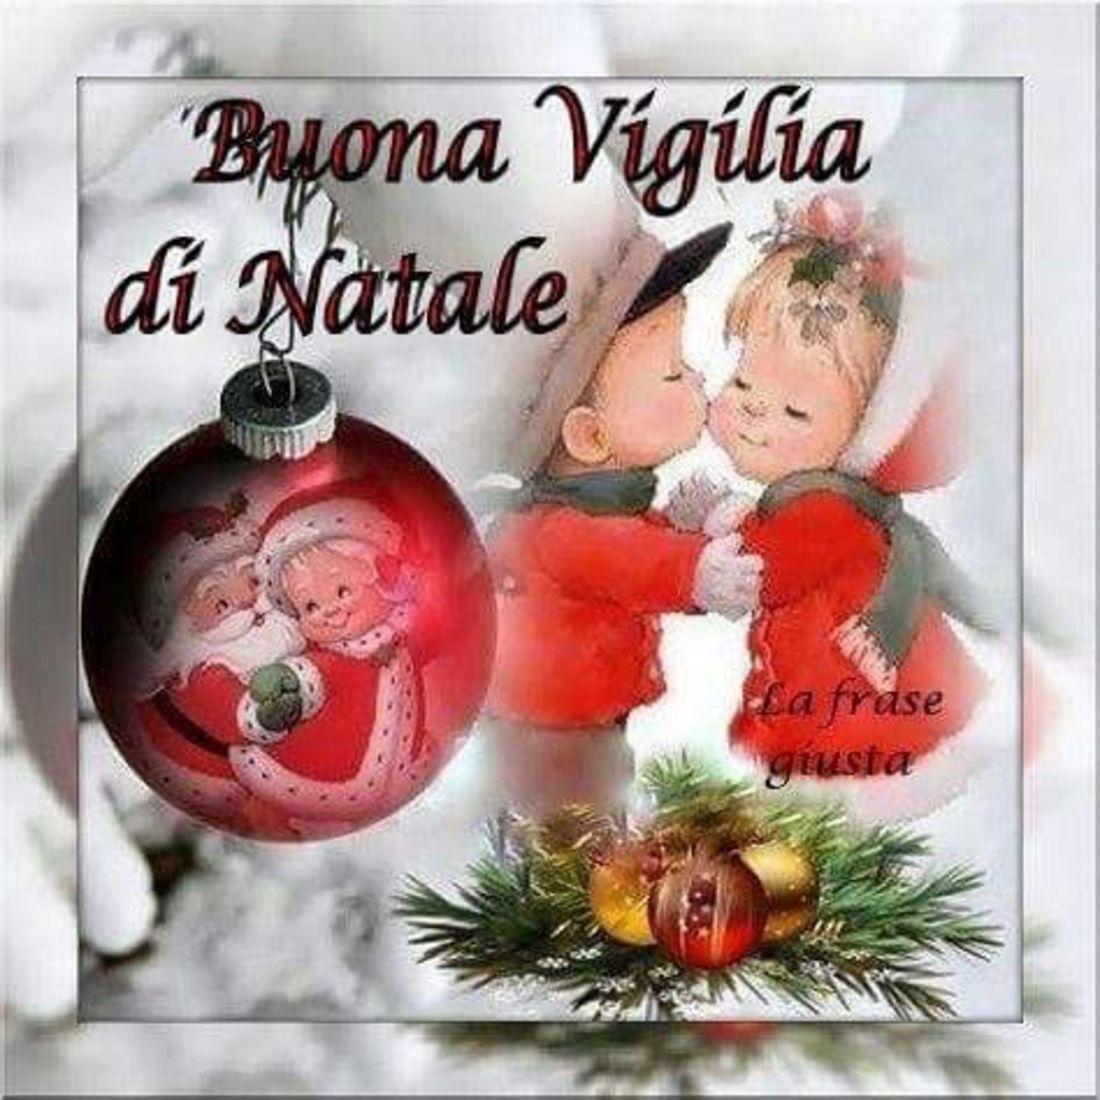 Frasi Buongiorno Vigilia Di Natale.Buongiorno E Buona Vigilia Di Natale Bellissimeimmagini It